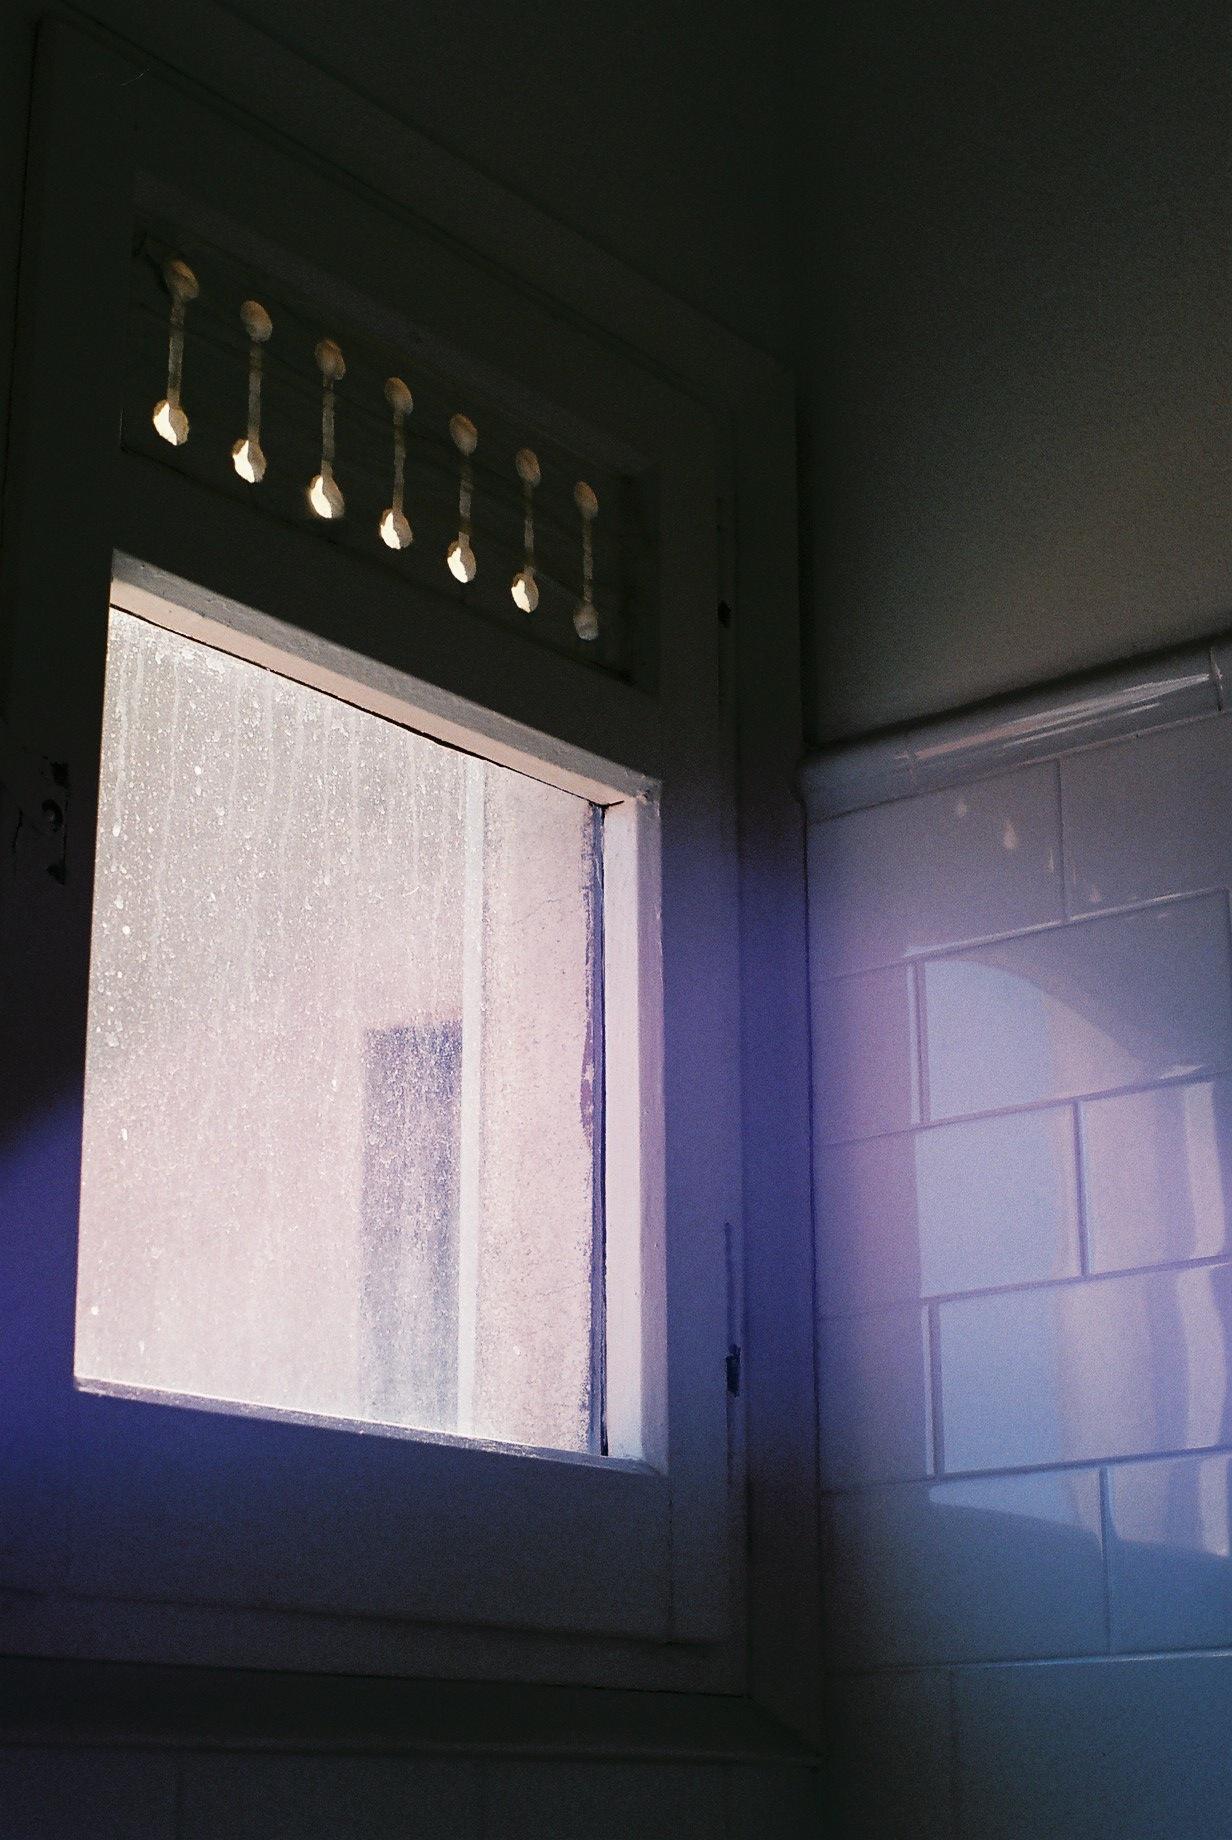 http://lafilladelfotografu.irenavisa.com/files/gimgs/60_f1000024.jpg